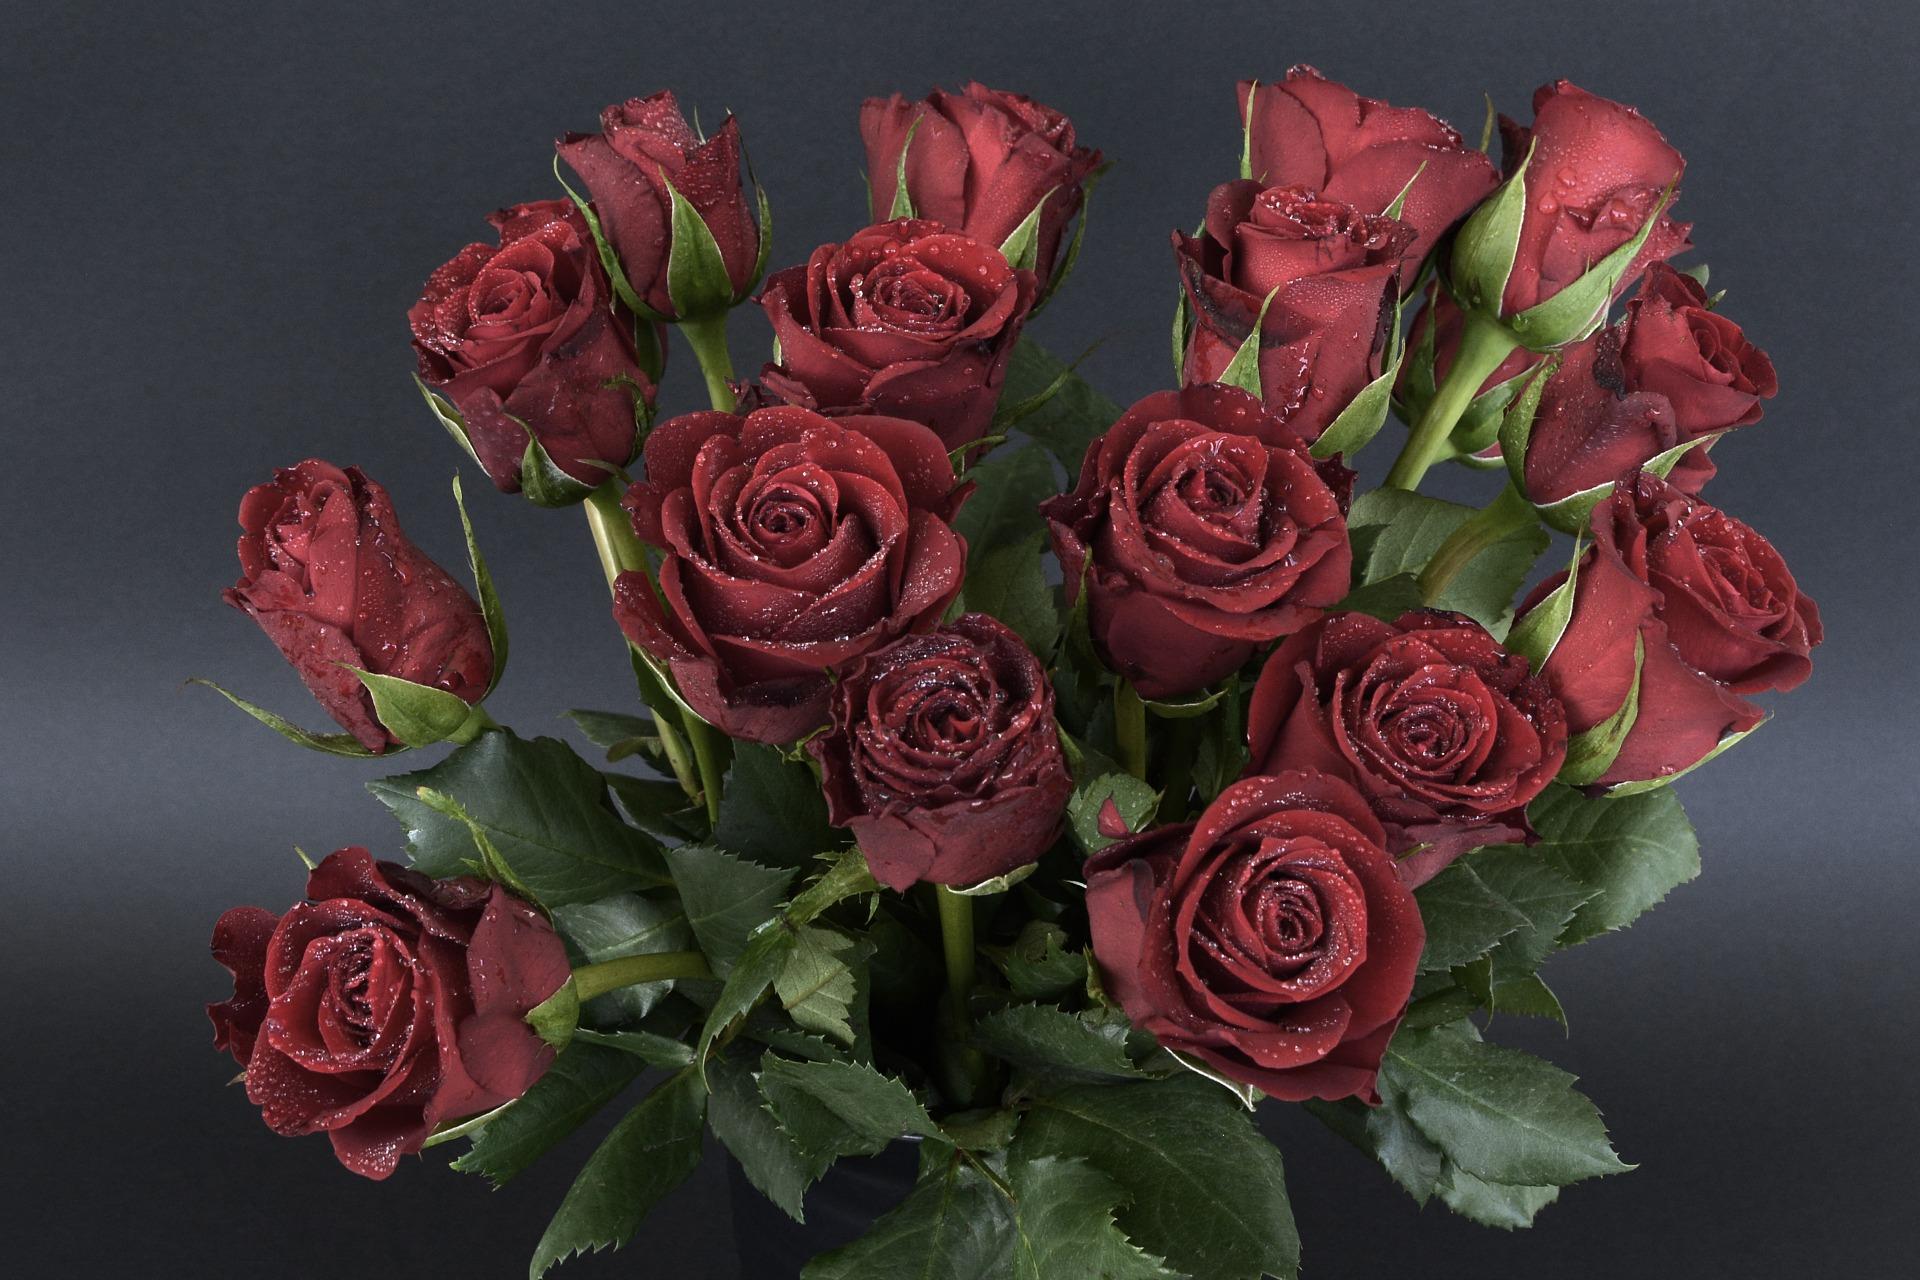 بالصور بوكيه ورد احمر , اجمل صور لبوكيهات الورد باللون الاحمر 4431 10